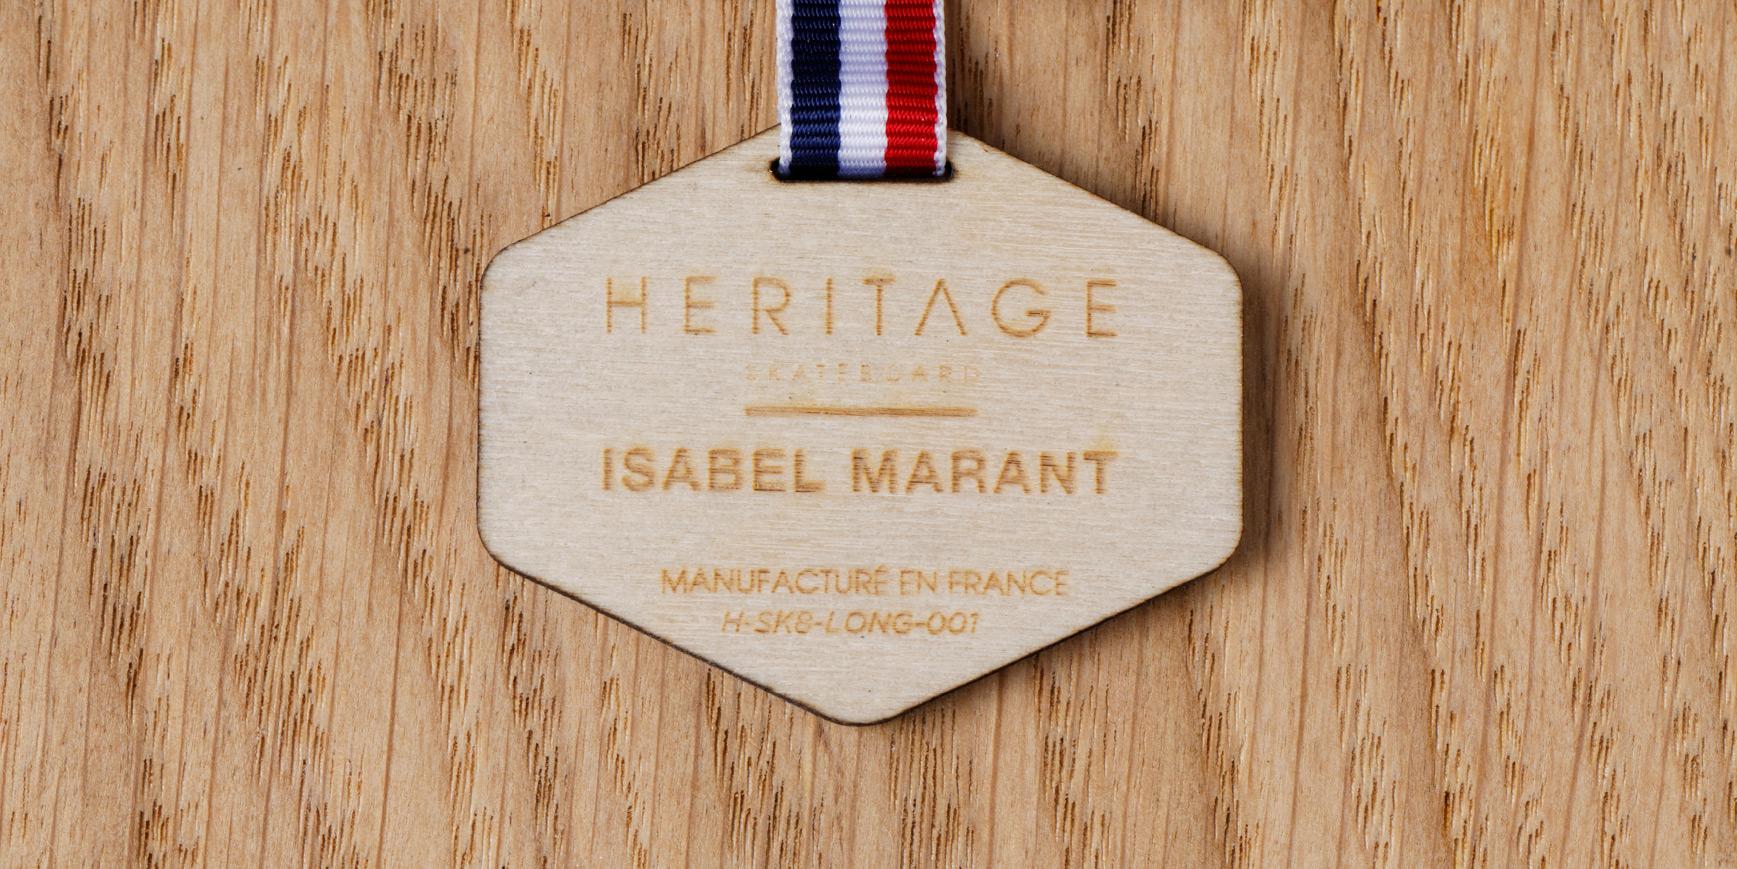 Isabel Marant Skateboards by Heritage Paris France